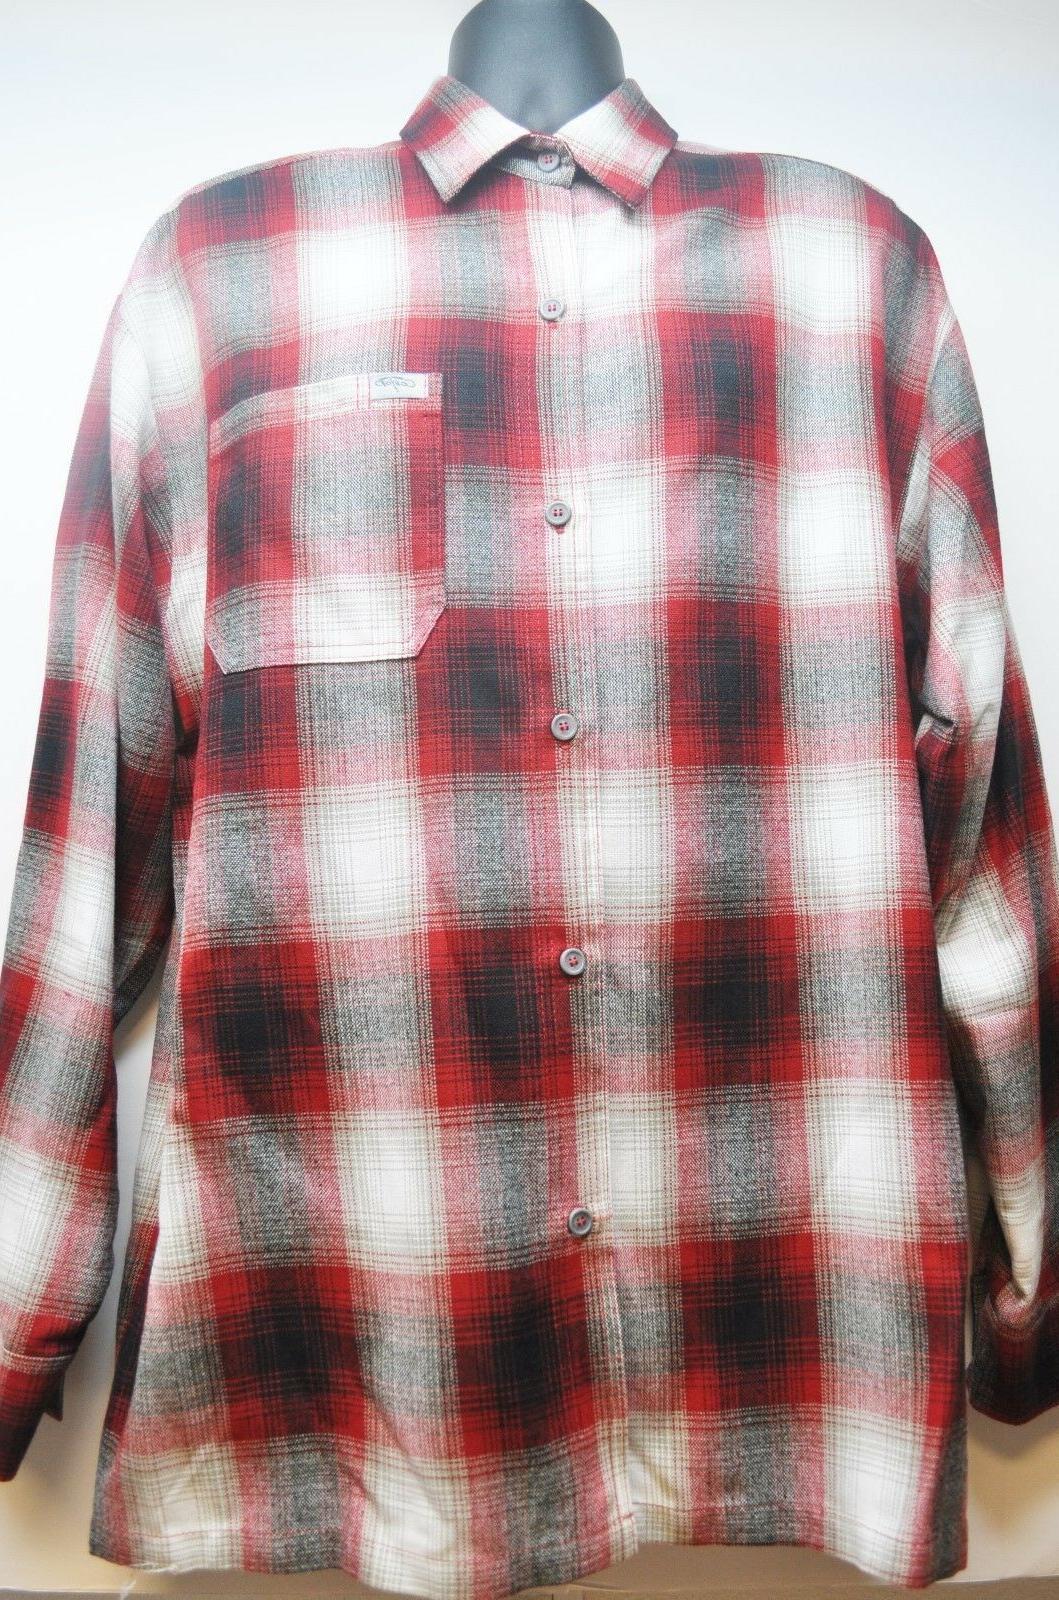 CalTop Old School Plaid Flannel Sleeve OG Veterano Biker Up Shirt